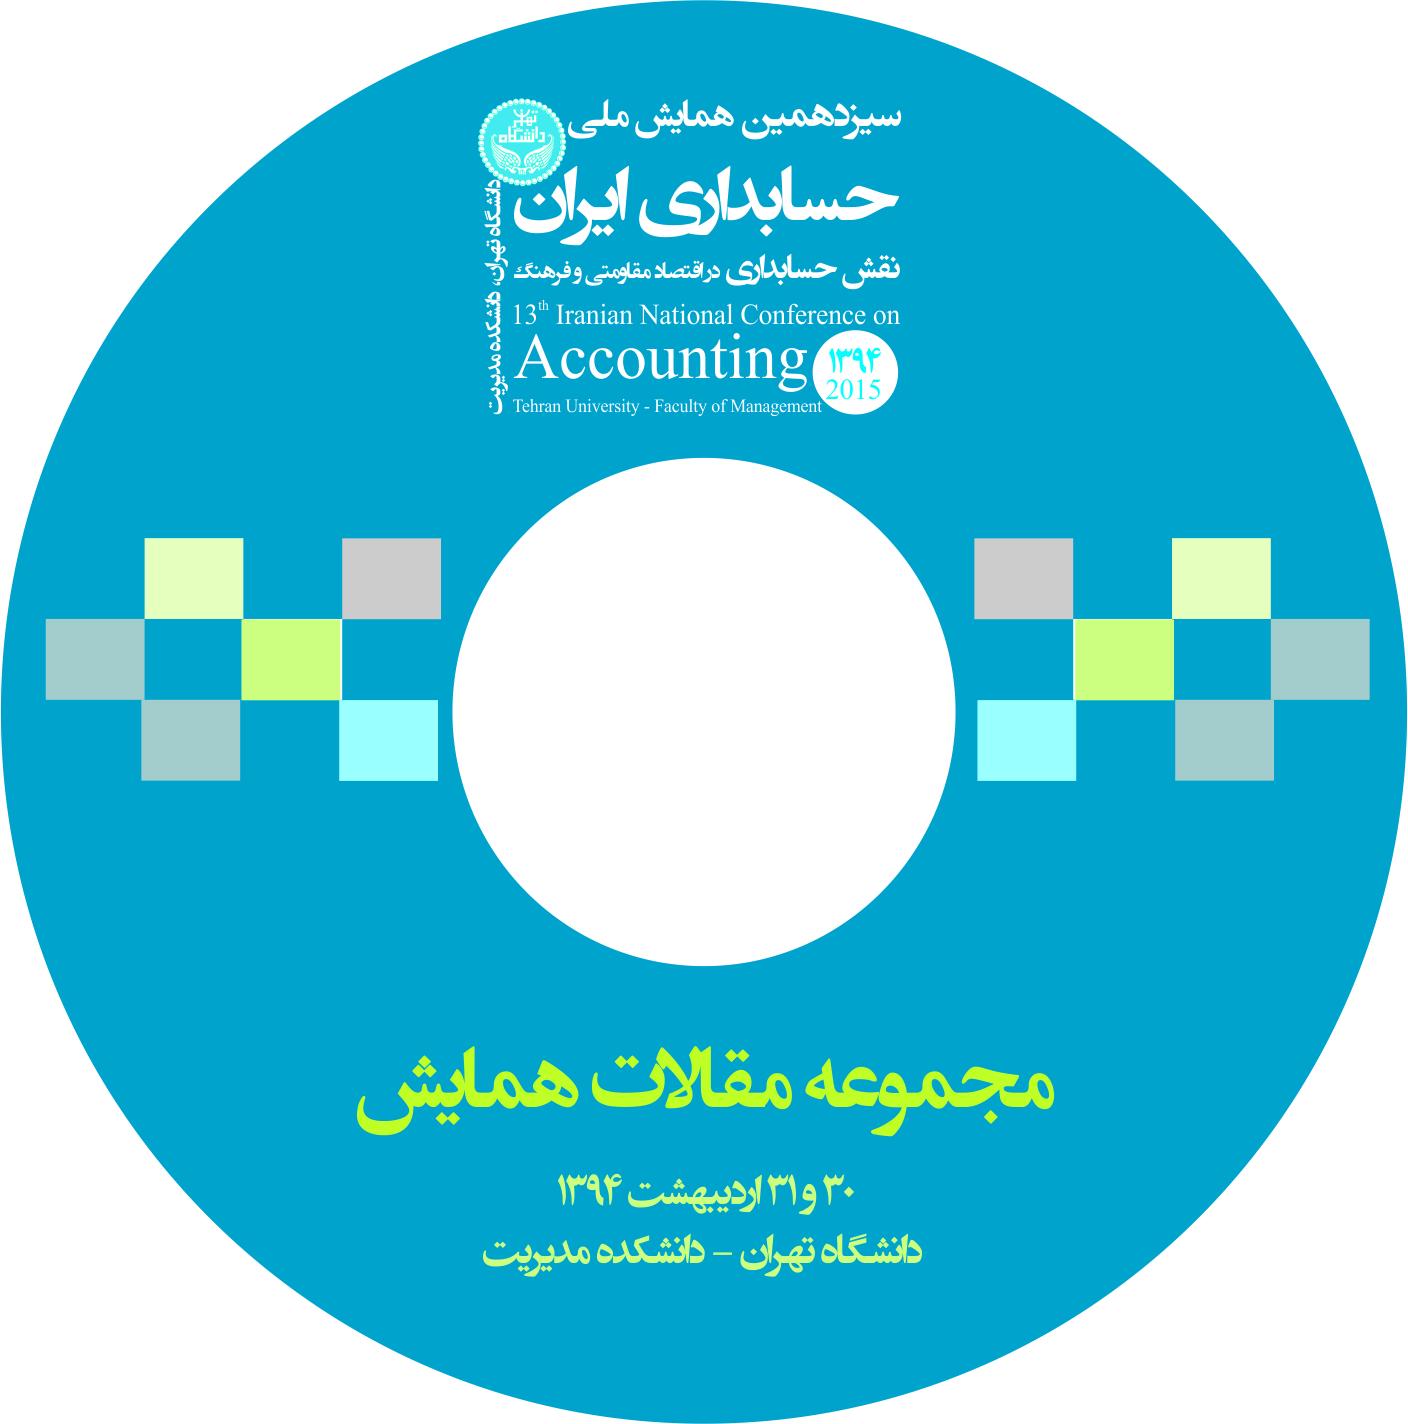 مجموعه مقالات سیزدهمین همایش ملی حسابداری ایران